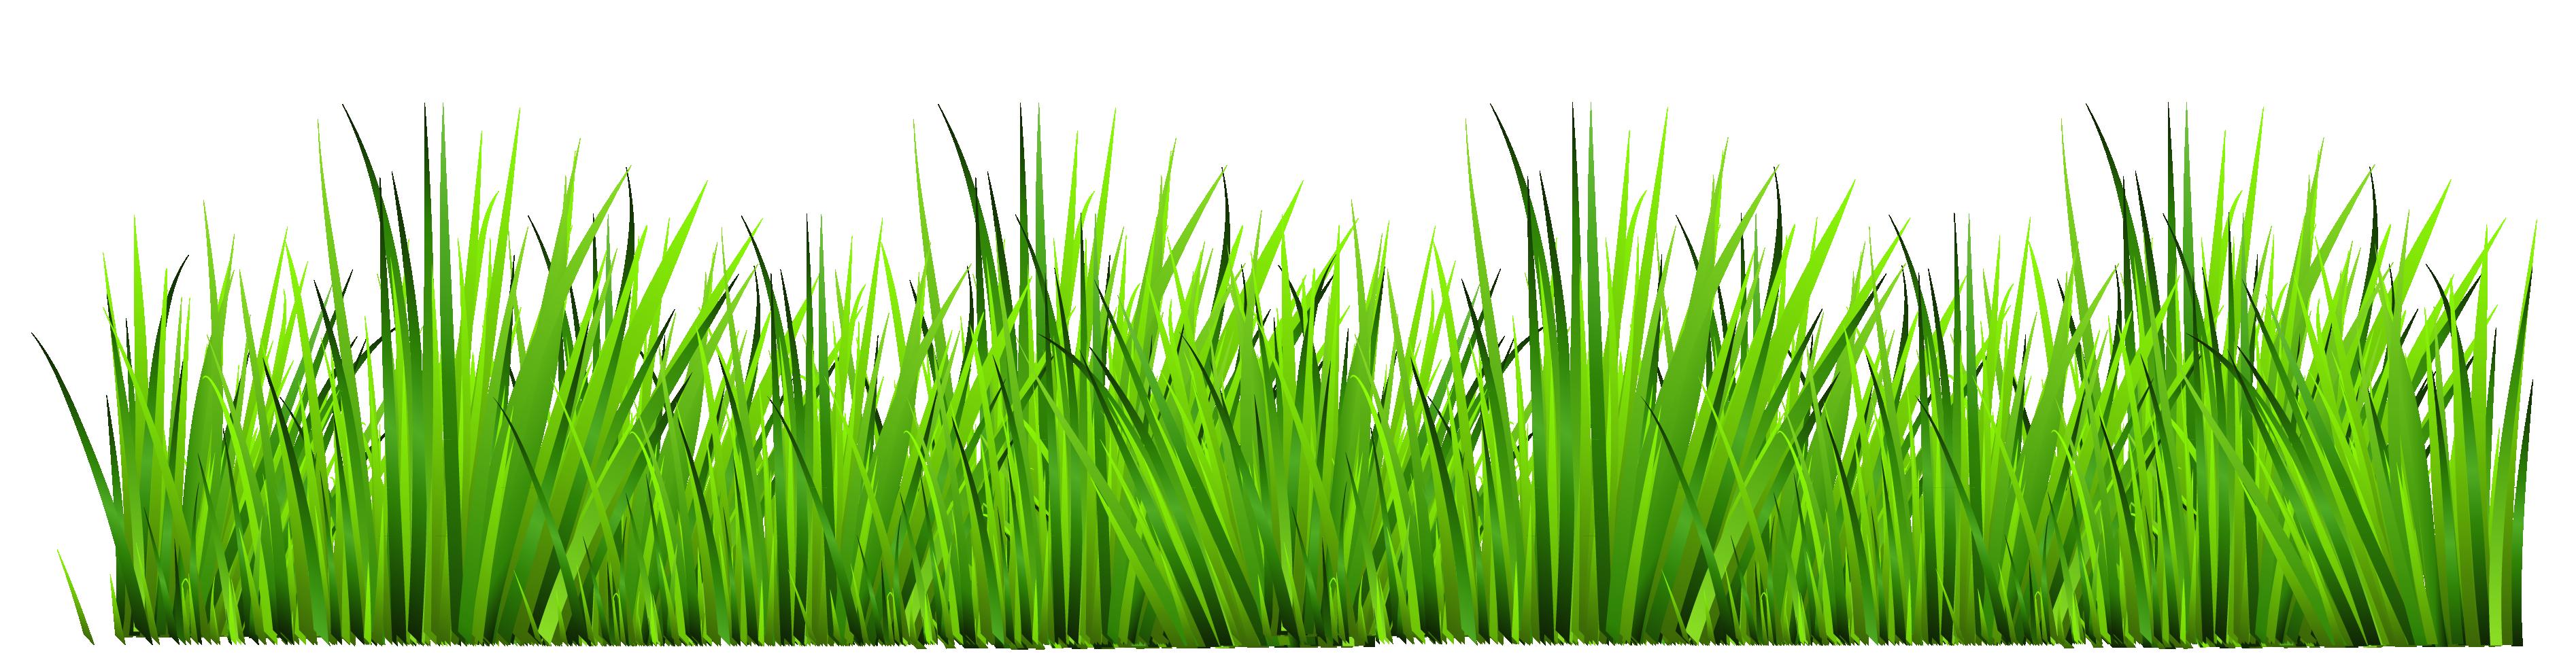 Grass Clipart-grass clipart-4